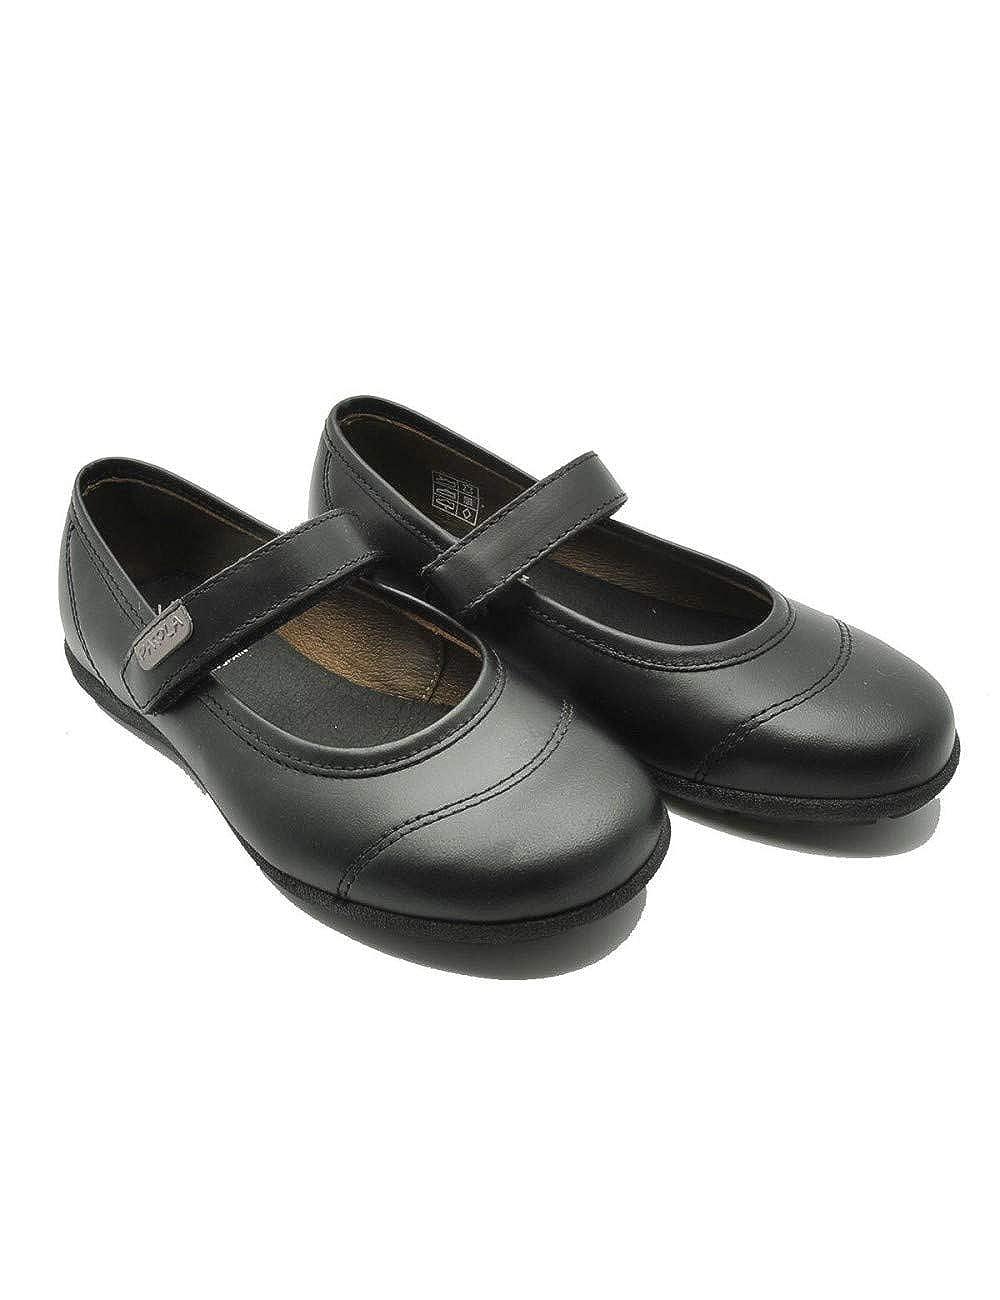 Pablosky 803010 - Zapato escolar en piel con cierre en velcro para niña, color negro.: Amazon.es: Zapatos y complementos